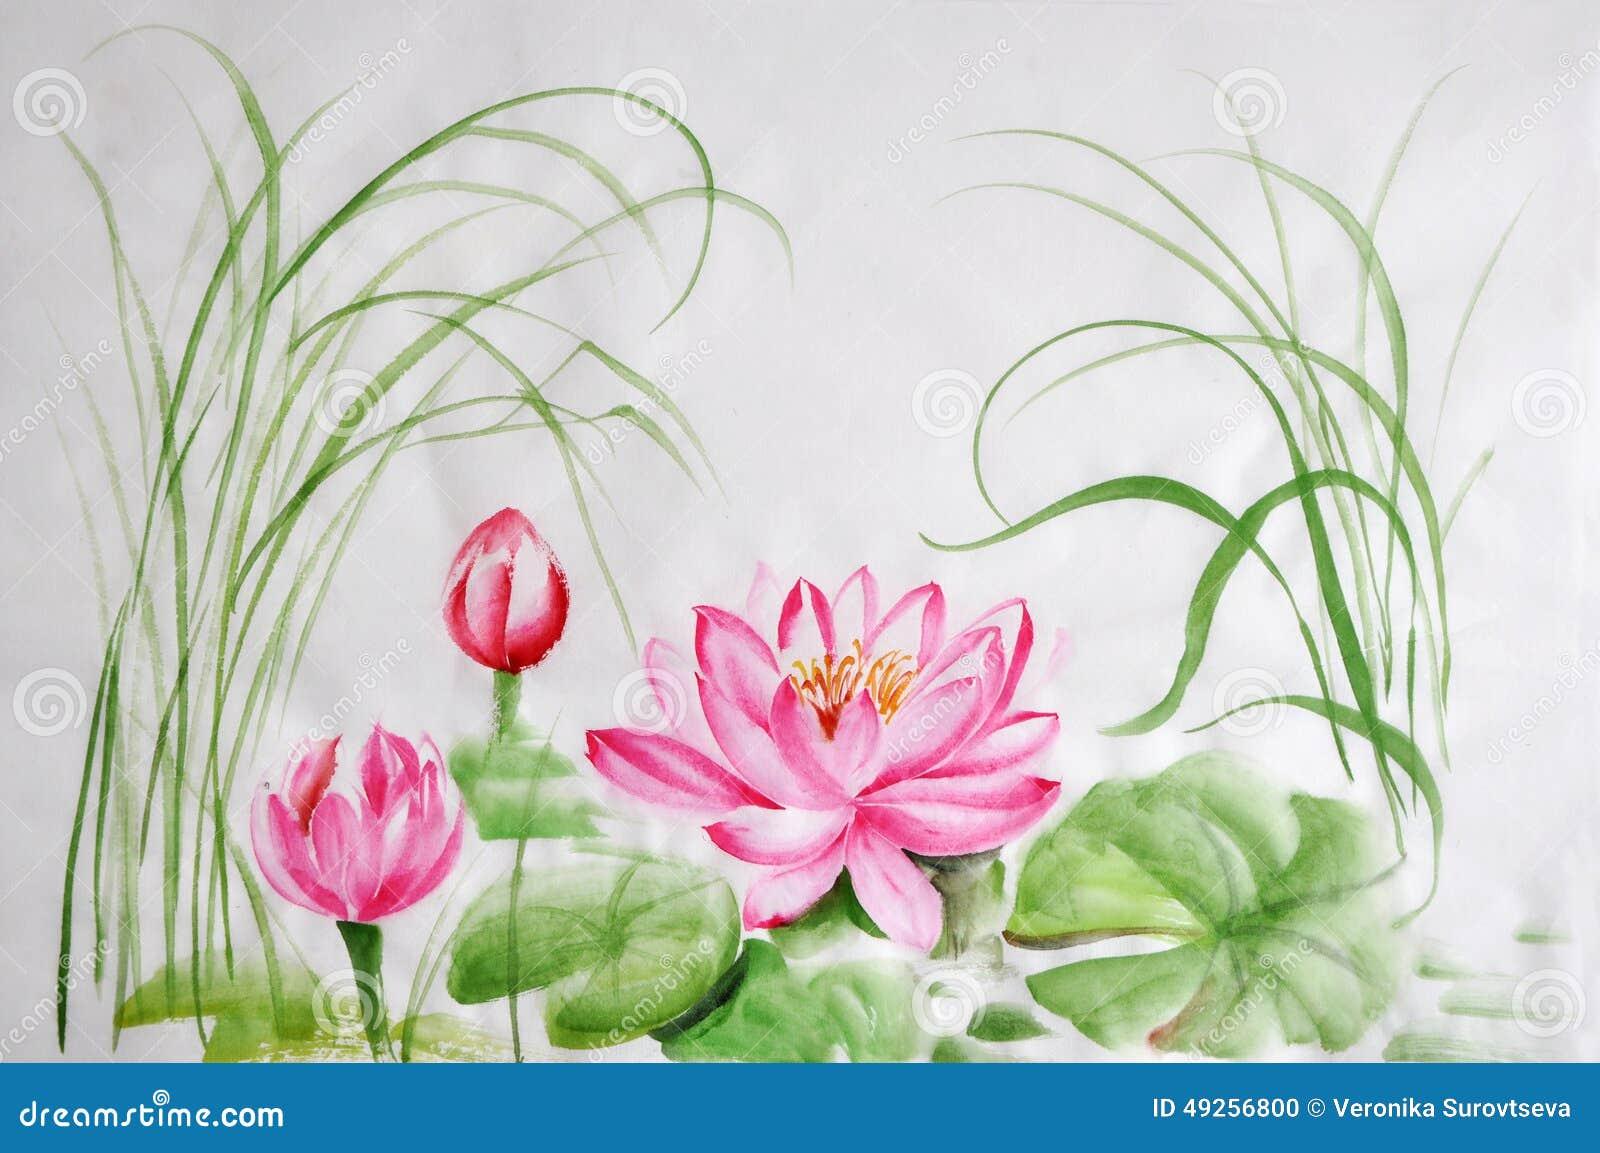 Peinture d 39 aquarelle de fleur de lotus illustration stock image 49256800 - Fleur de lotus symbole ...